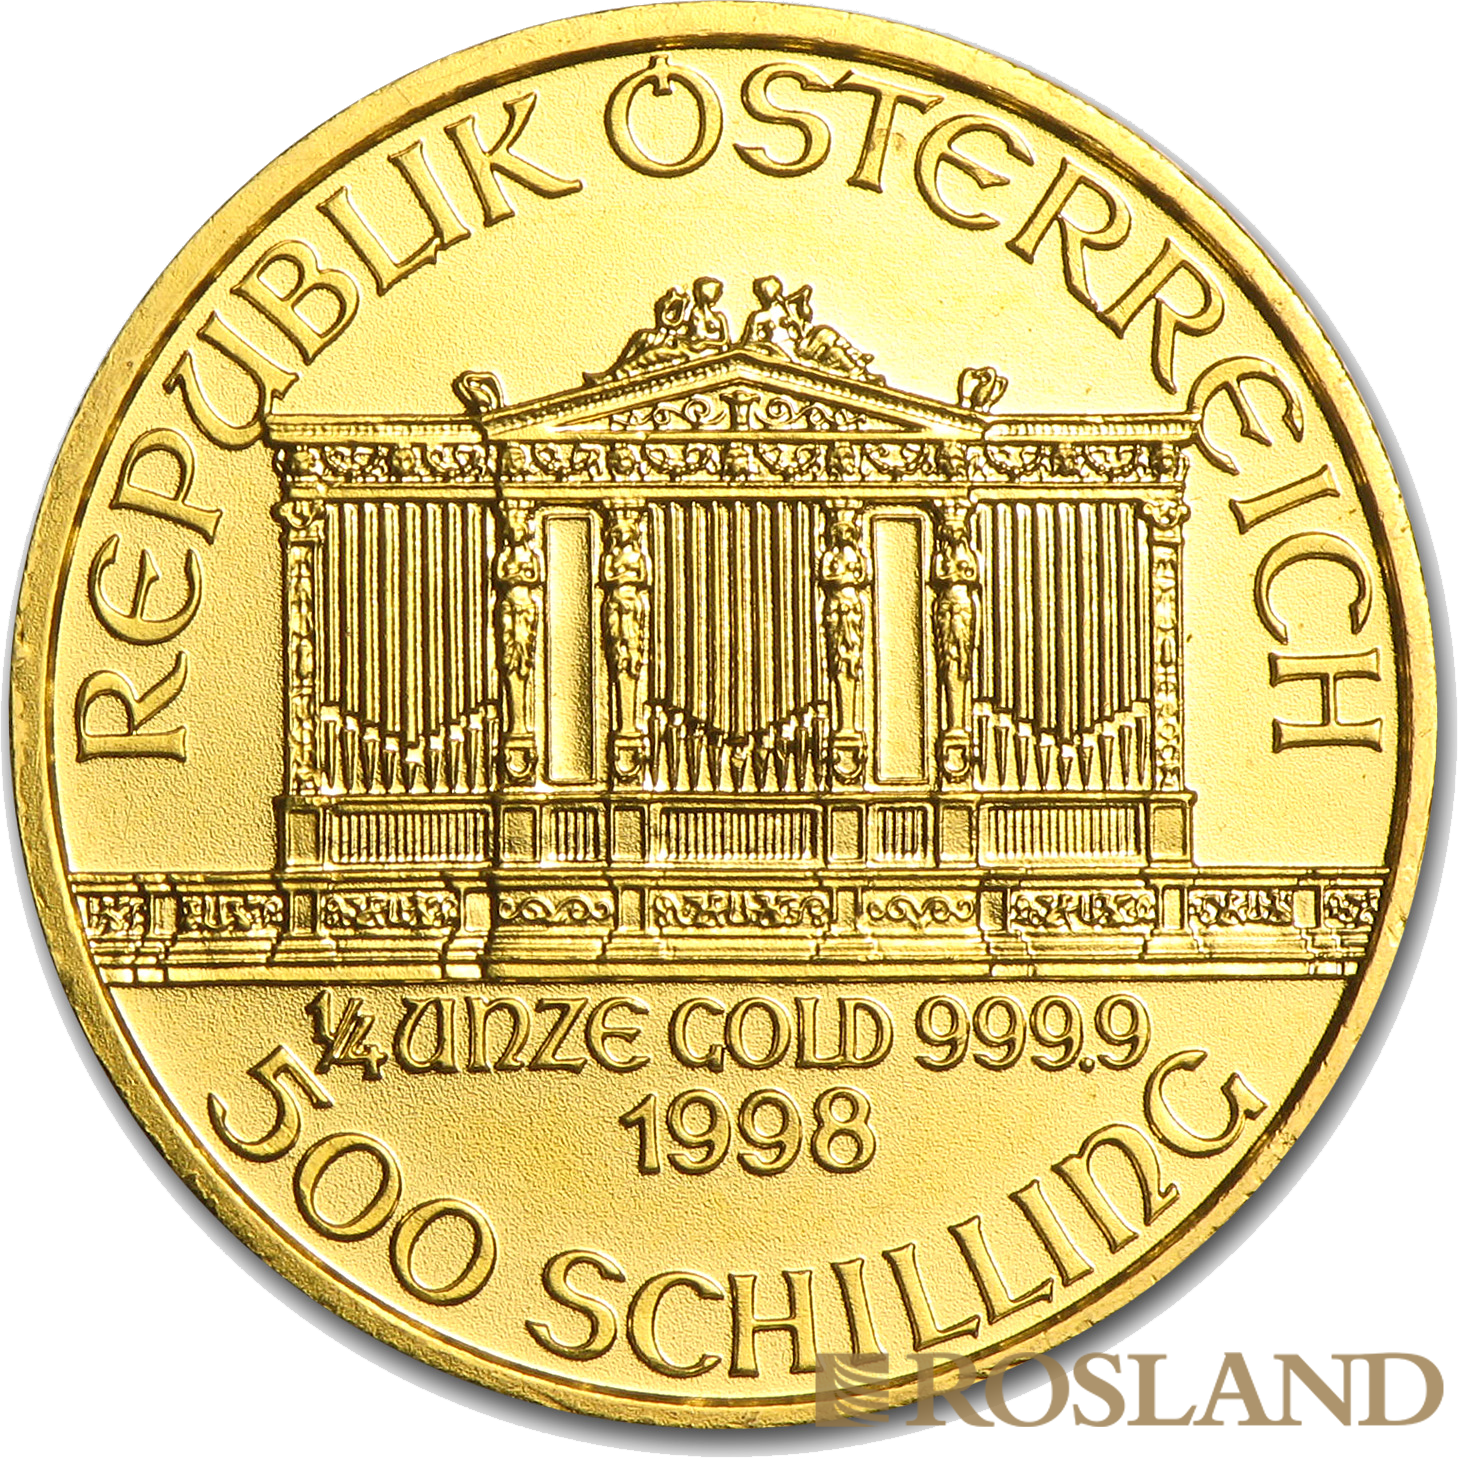 1/4 Unze Goldmünze Wiener Philharmoniker 1998